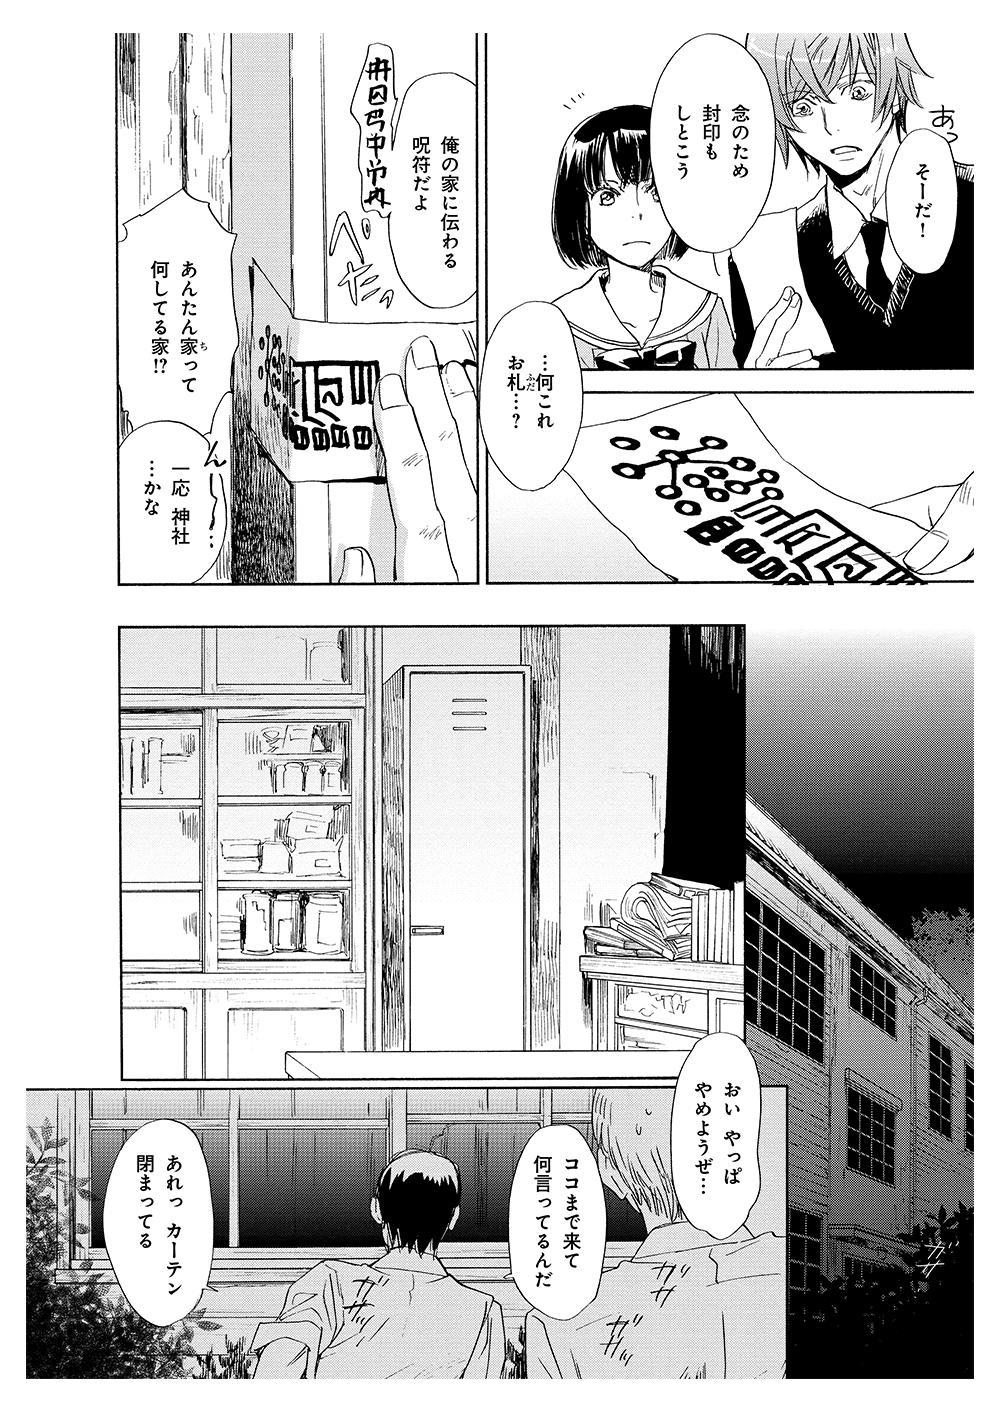 少女ゴーレムと理科室の変人たち 第2話①golem03-14.jpg